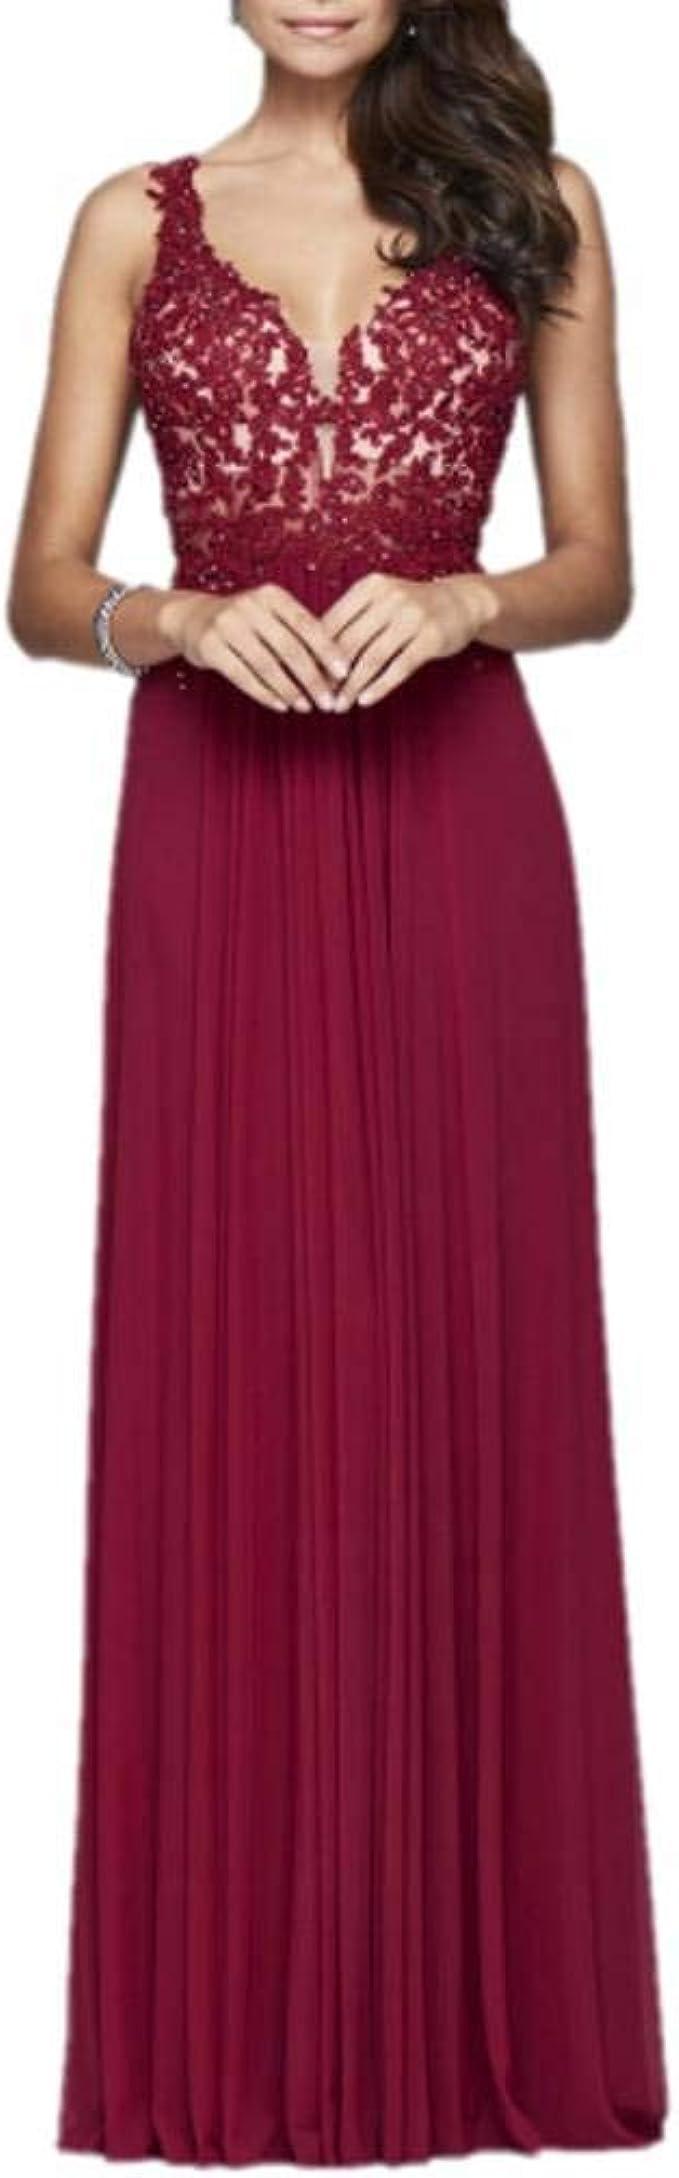 Royaldress Dunkel Rot Wunderschon Traeger Kleider Abendkleider